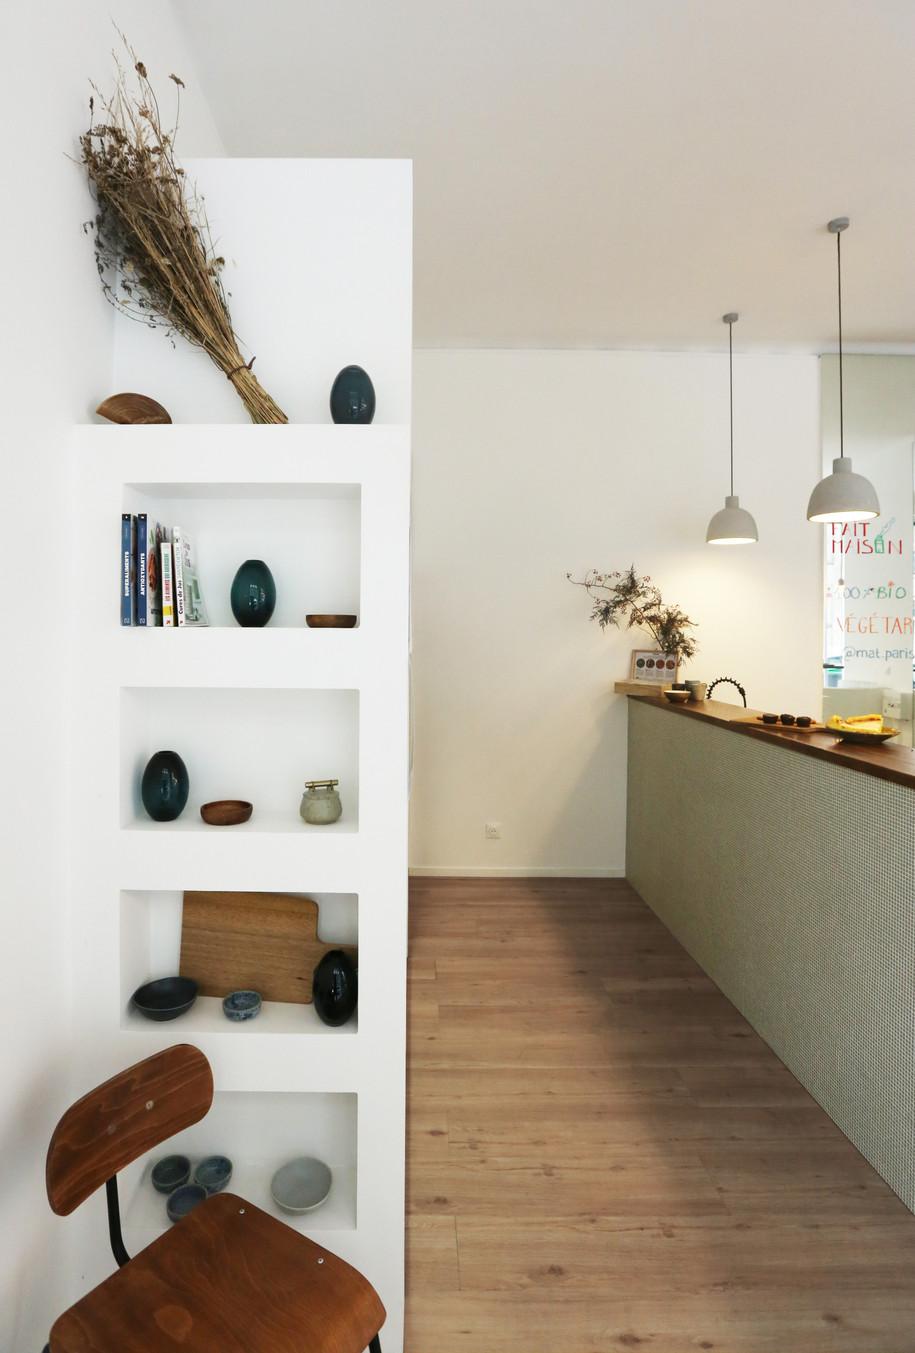 Réhabilitation complète d'un local. Création d'un univers accueillant grâce à une harmonie de matériaux. Mini-mosaïque et bois huilé s'équilibrent et s'accordent au sein d'un univers adapté à la demande des propriétaires : des amoureux d'une cuisine saine et végétale.